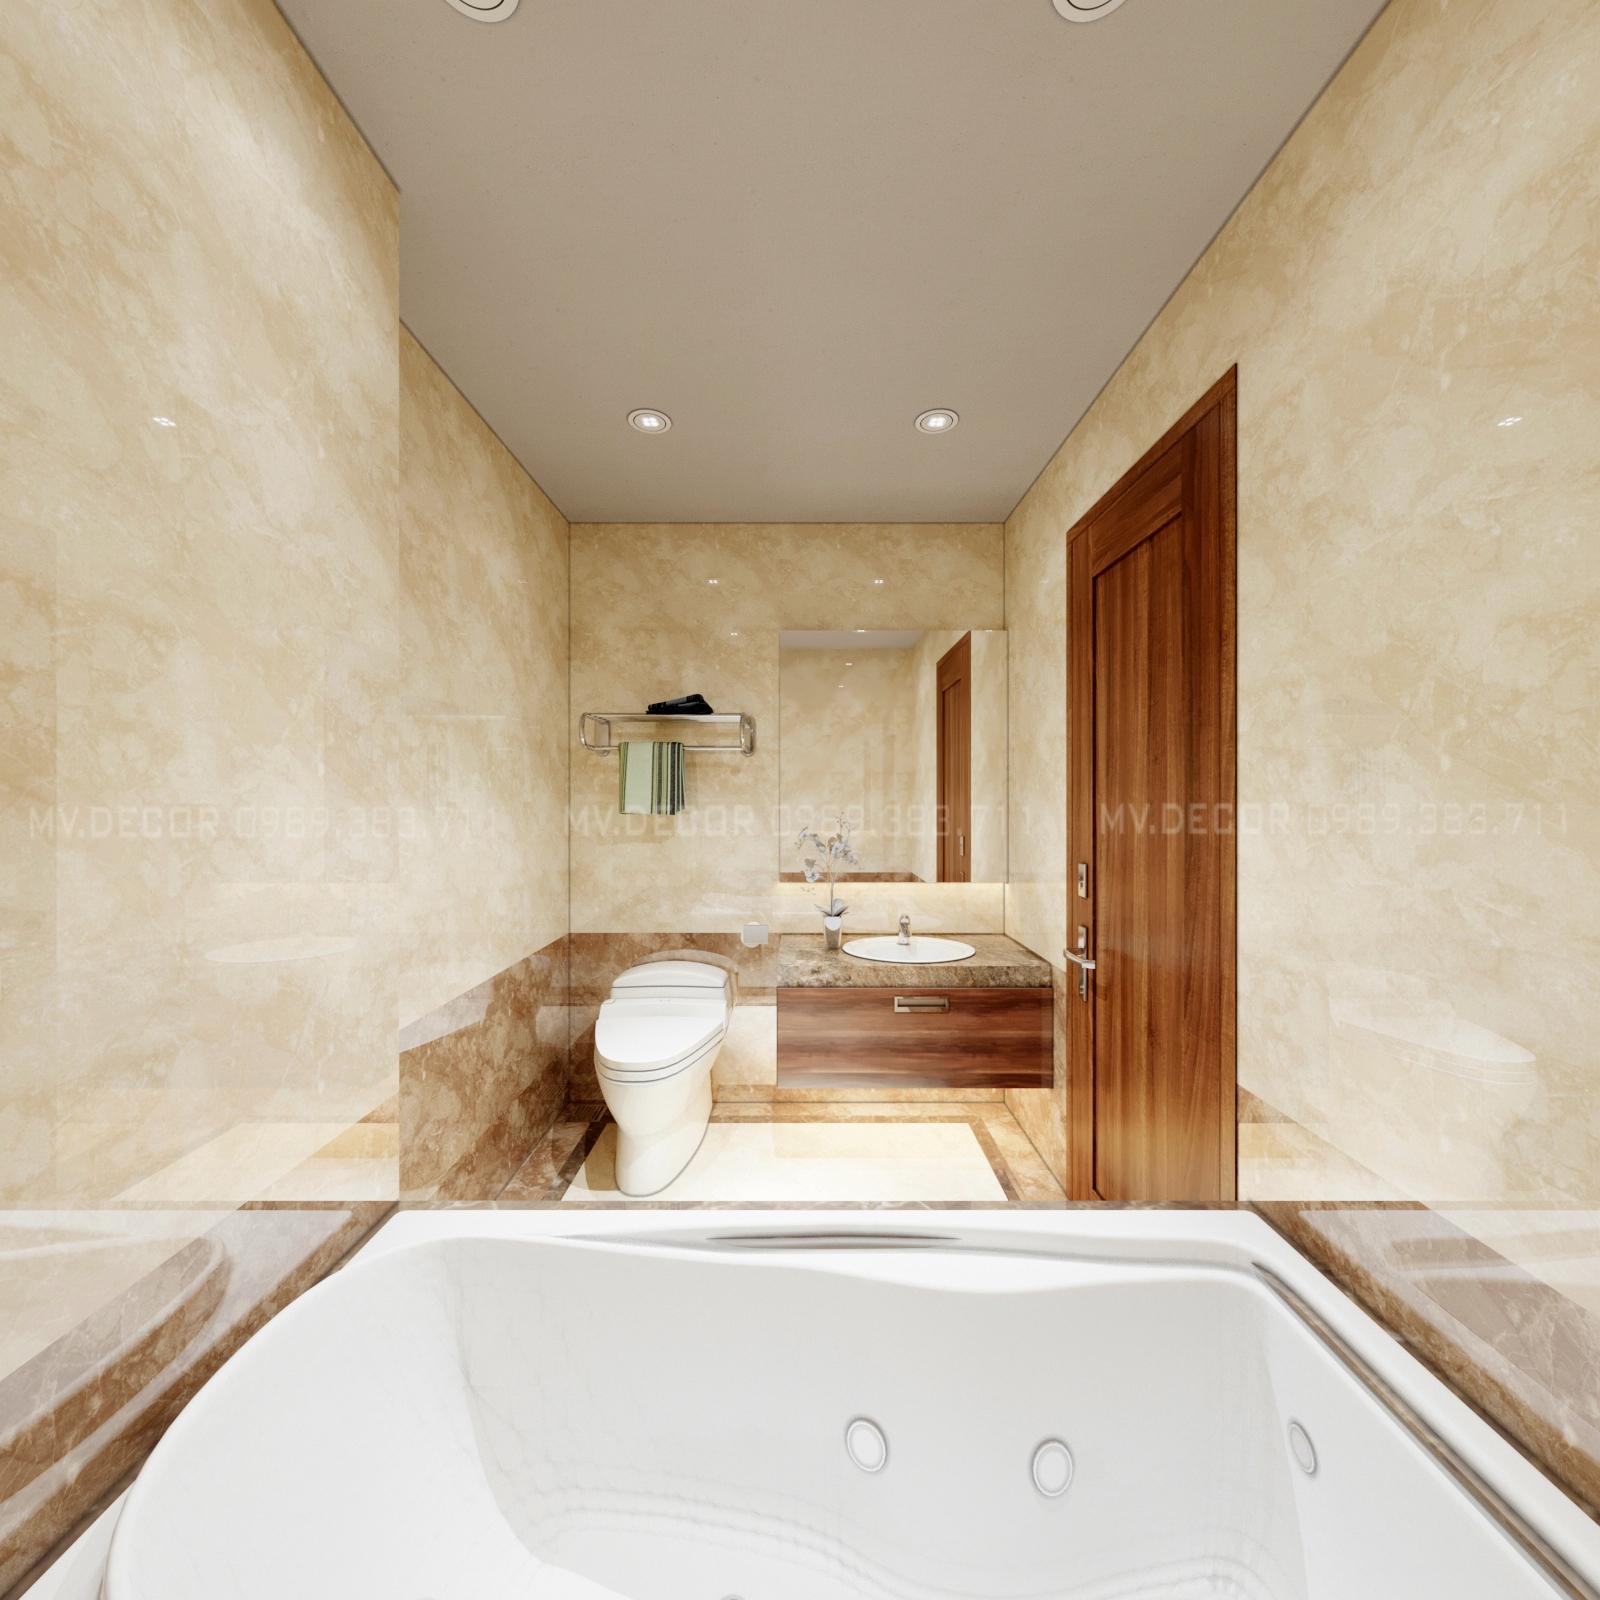 thiết kế nội thất Khách Sạn tại Hải Phòng căn hộ khách sạn cho thuê  5 1562943963